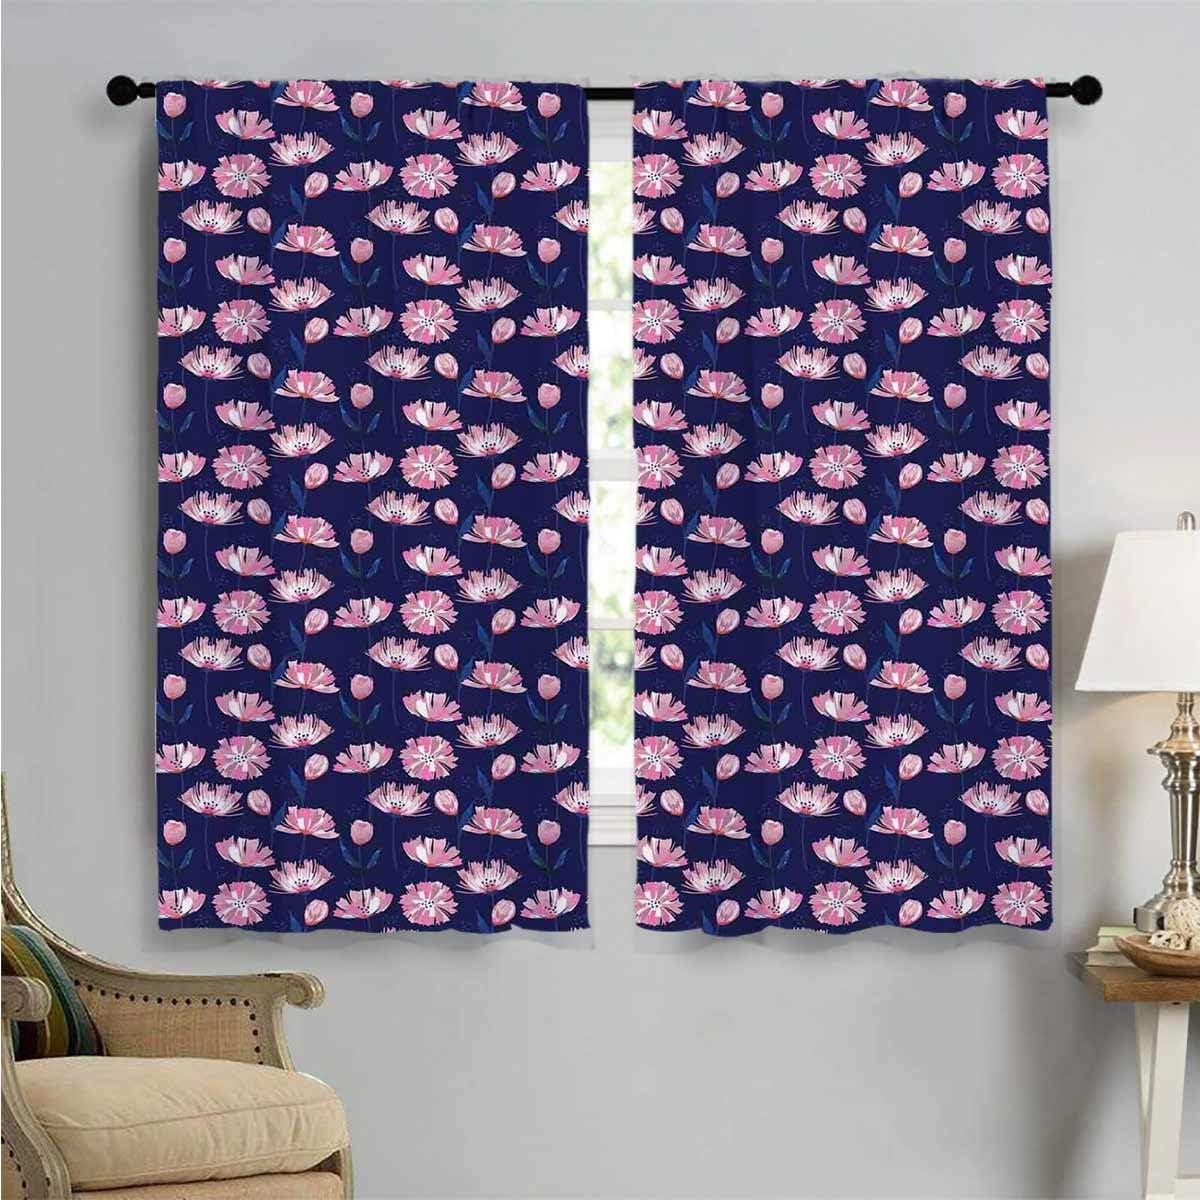 Room Darkening Curtains Garden Poppies Art Pink Decor Max 76% OFF Ranking TOP2